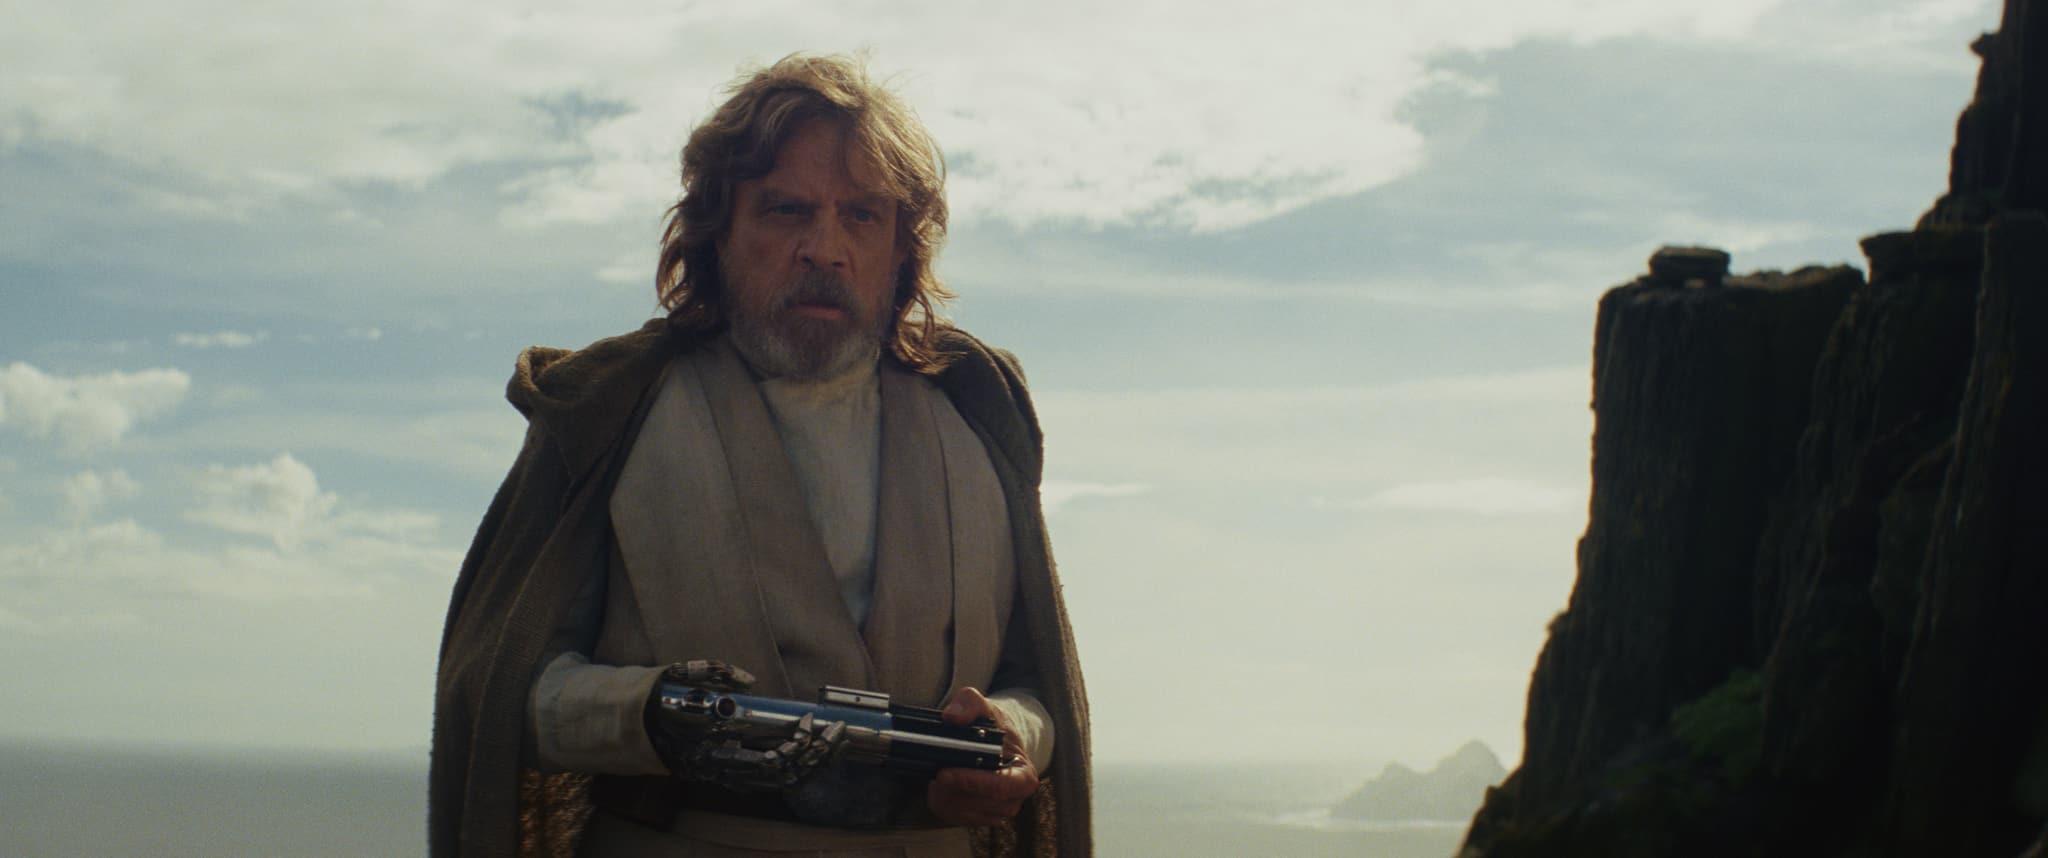 La leyenda de Luke Skywalker